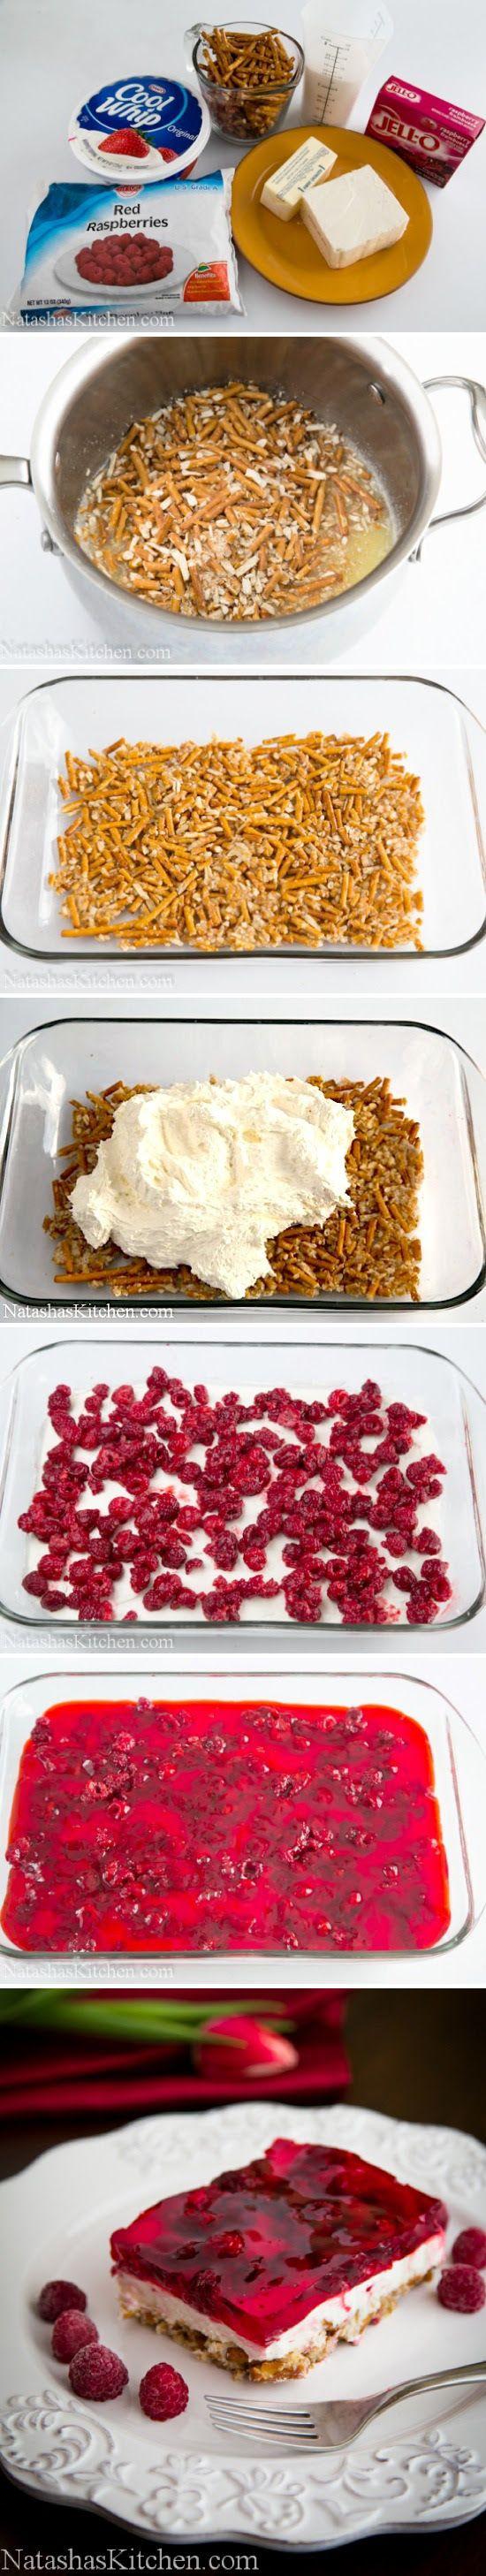 Raspberry-Cream-Cheese-Pretzel-Jello-Recipe-By-Photo1